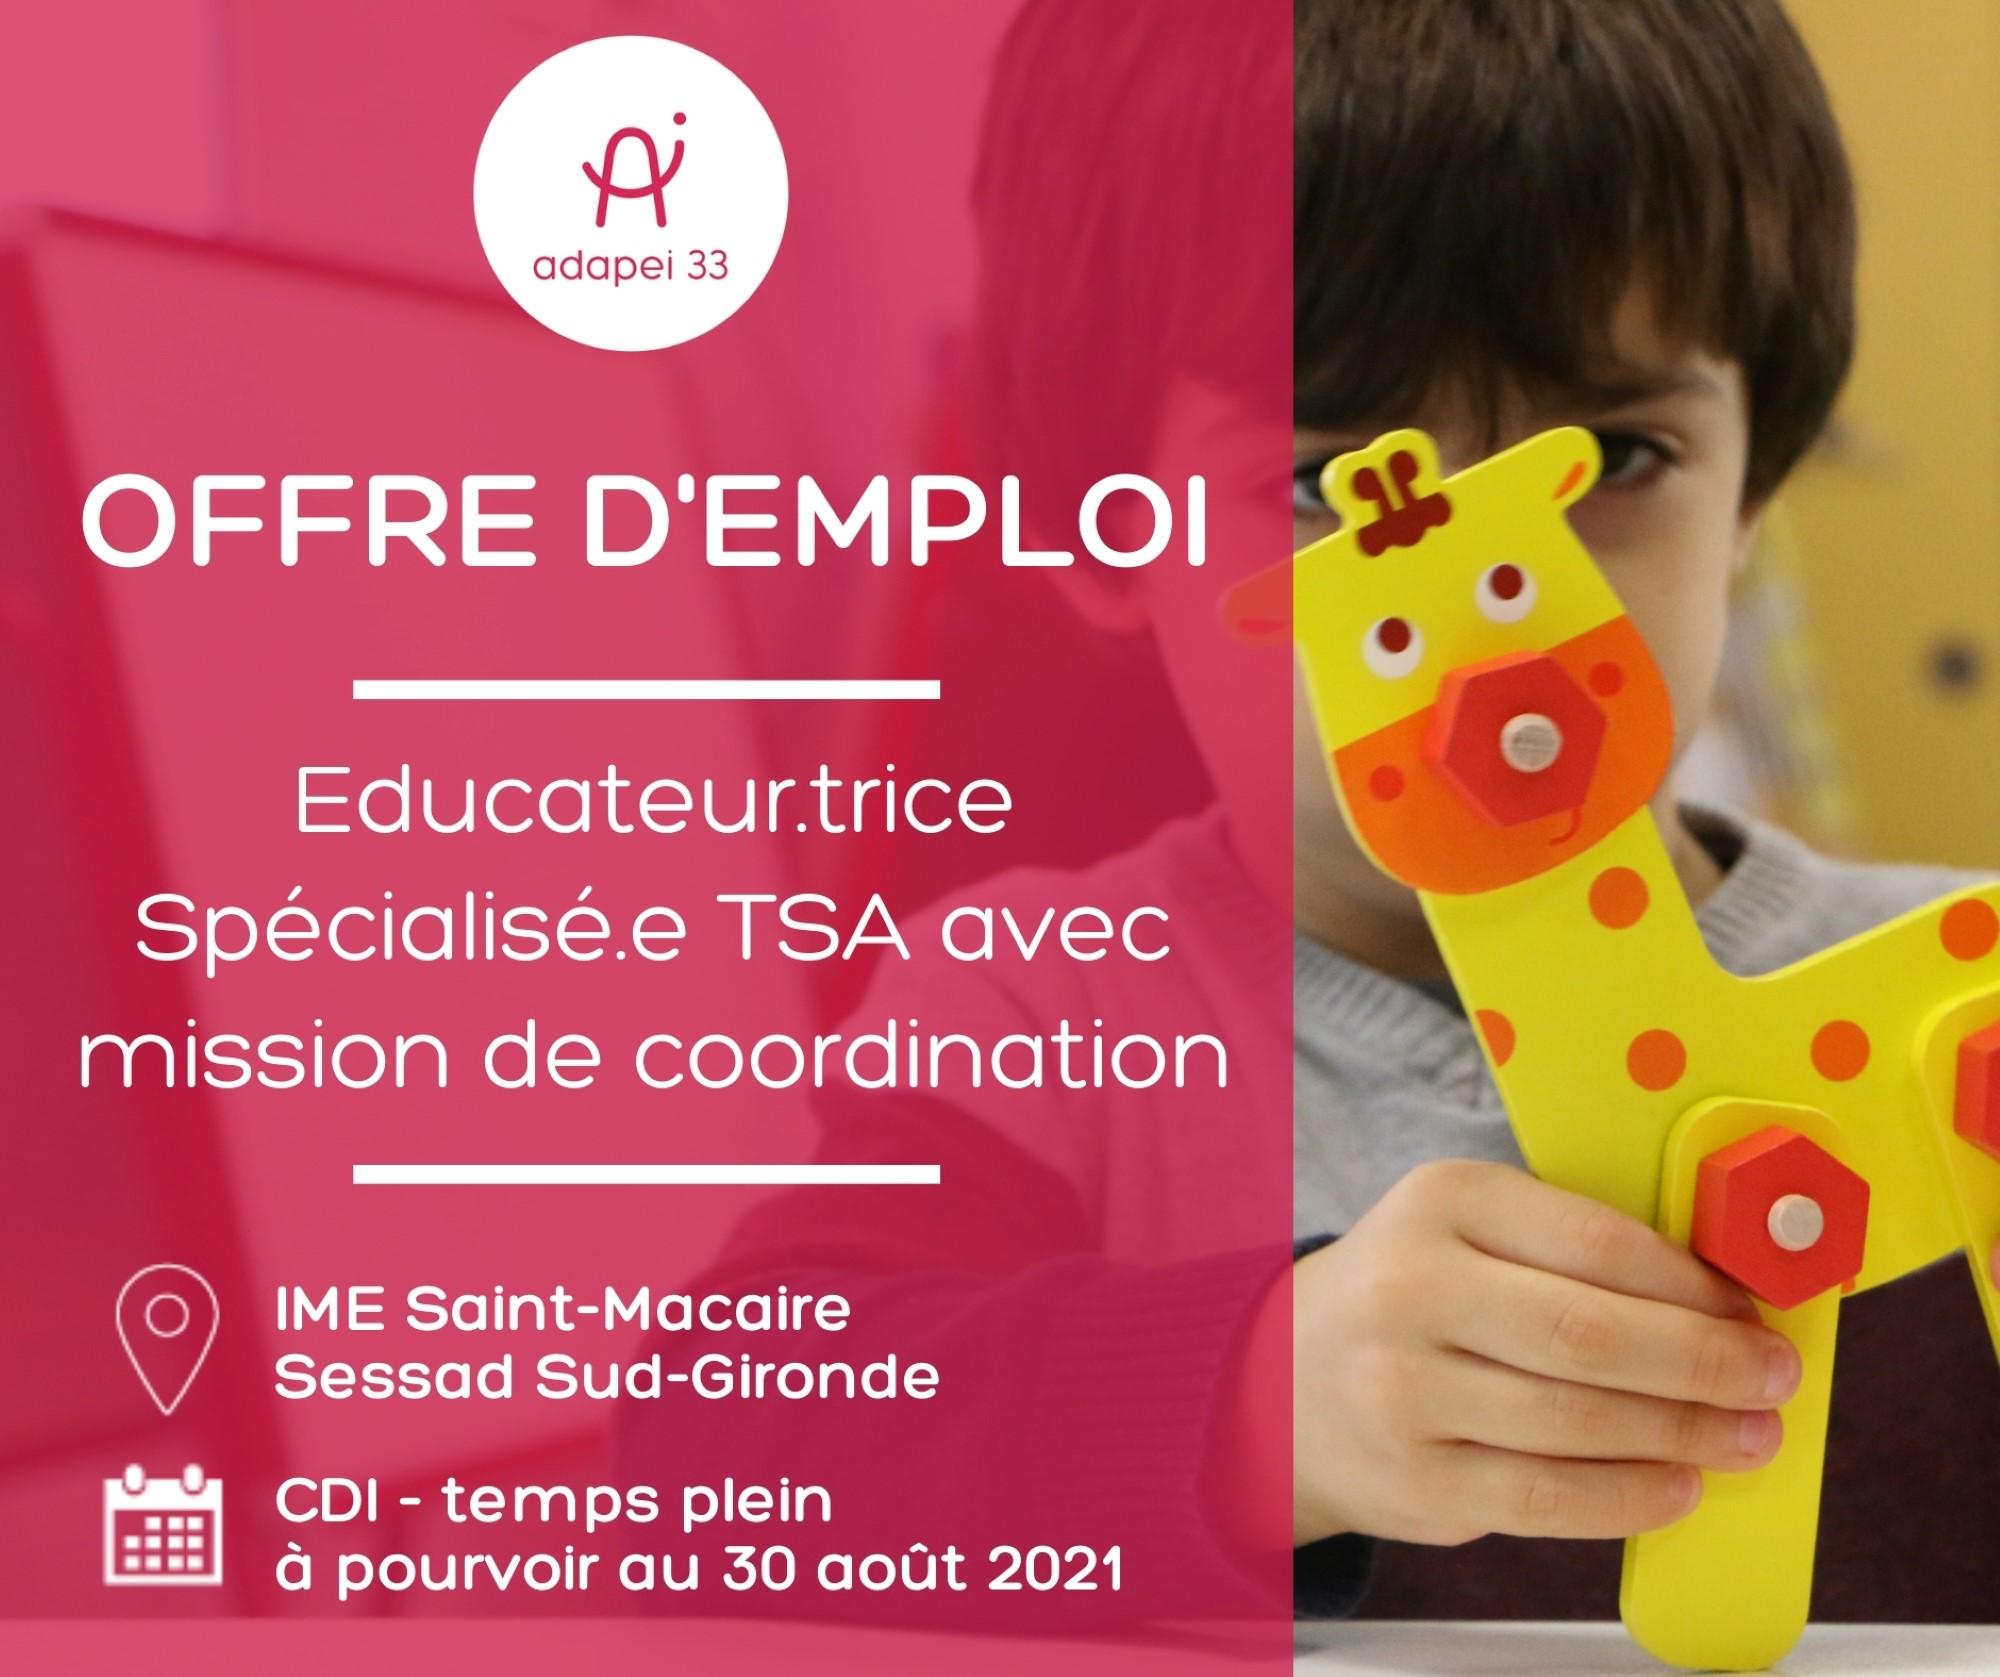 Educateur.trice spécialisé.e TSA avec mission de coordination - Sud-Gironde